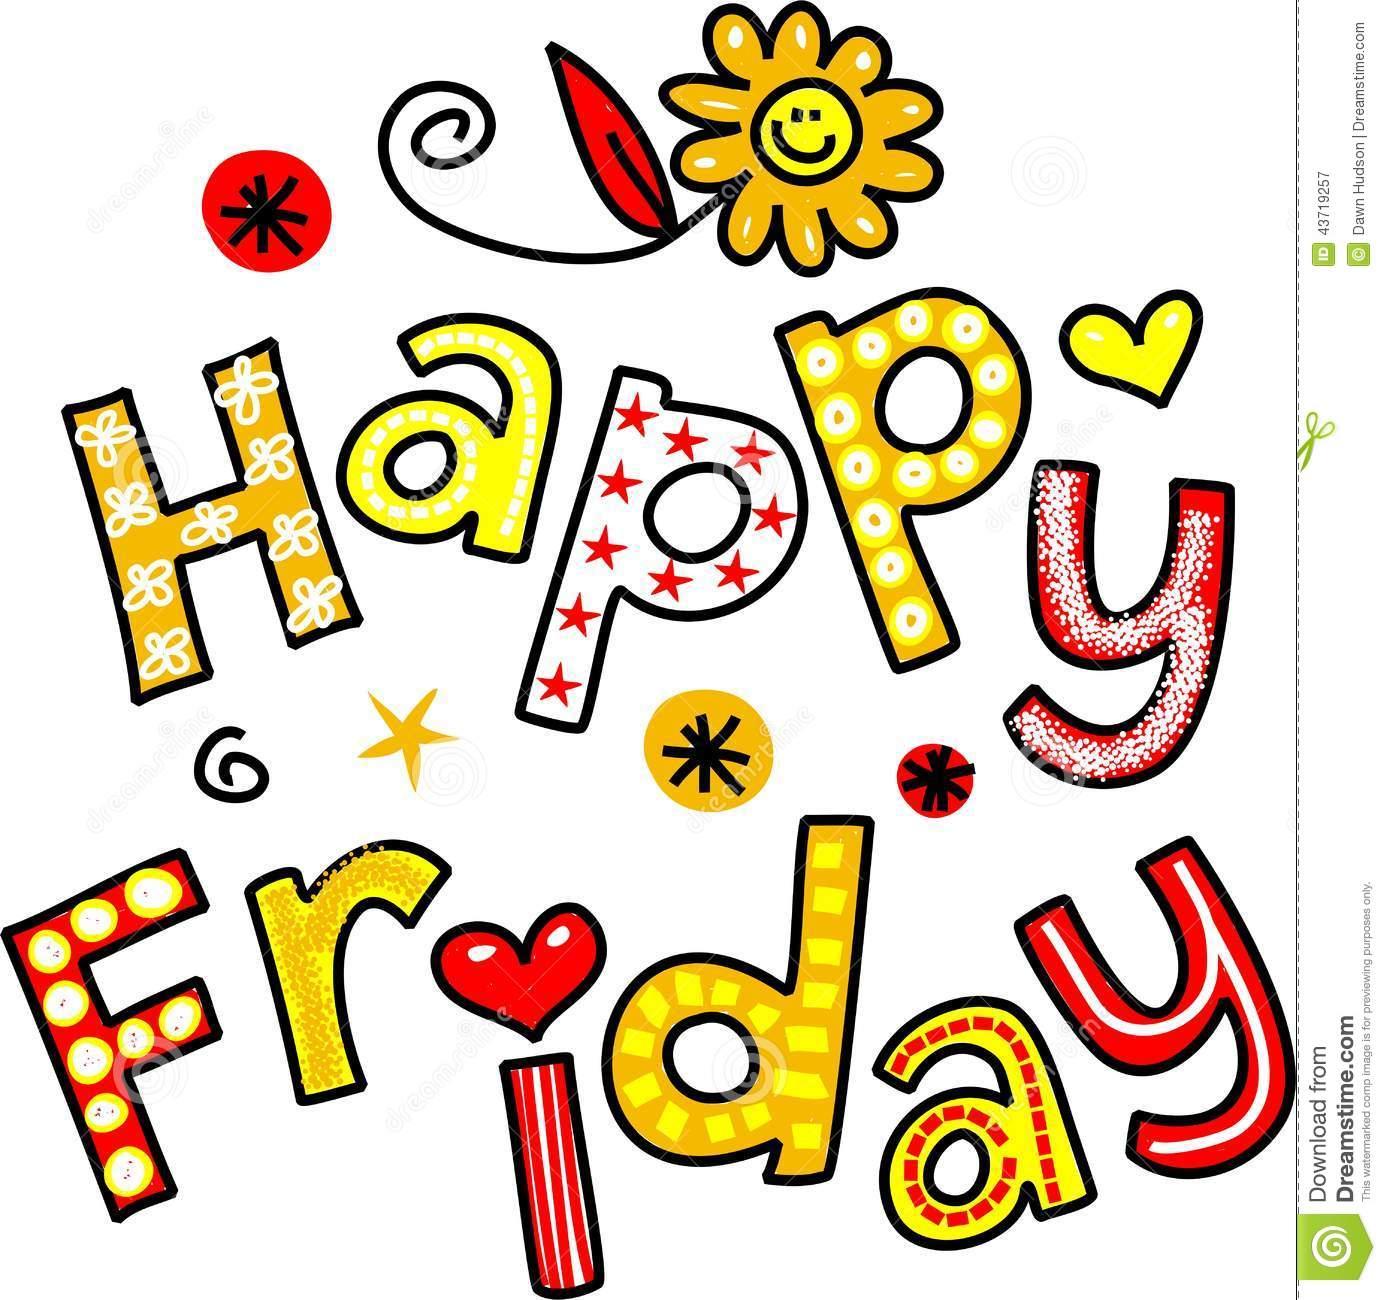 Happy Friday Cartoon Text Clipart Stock -Happy Friday Cartoon Text Clipart Stock Illustration Image 43719257-8